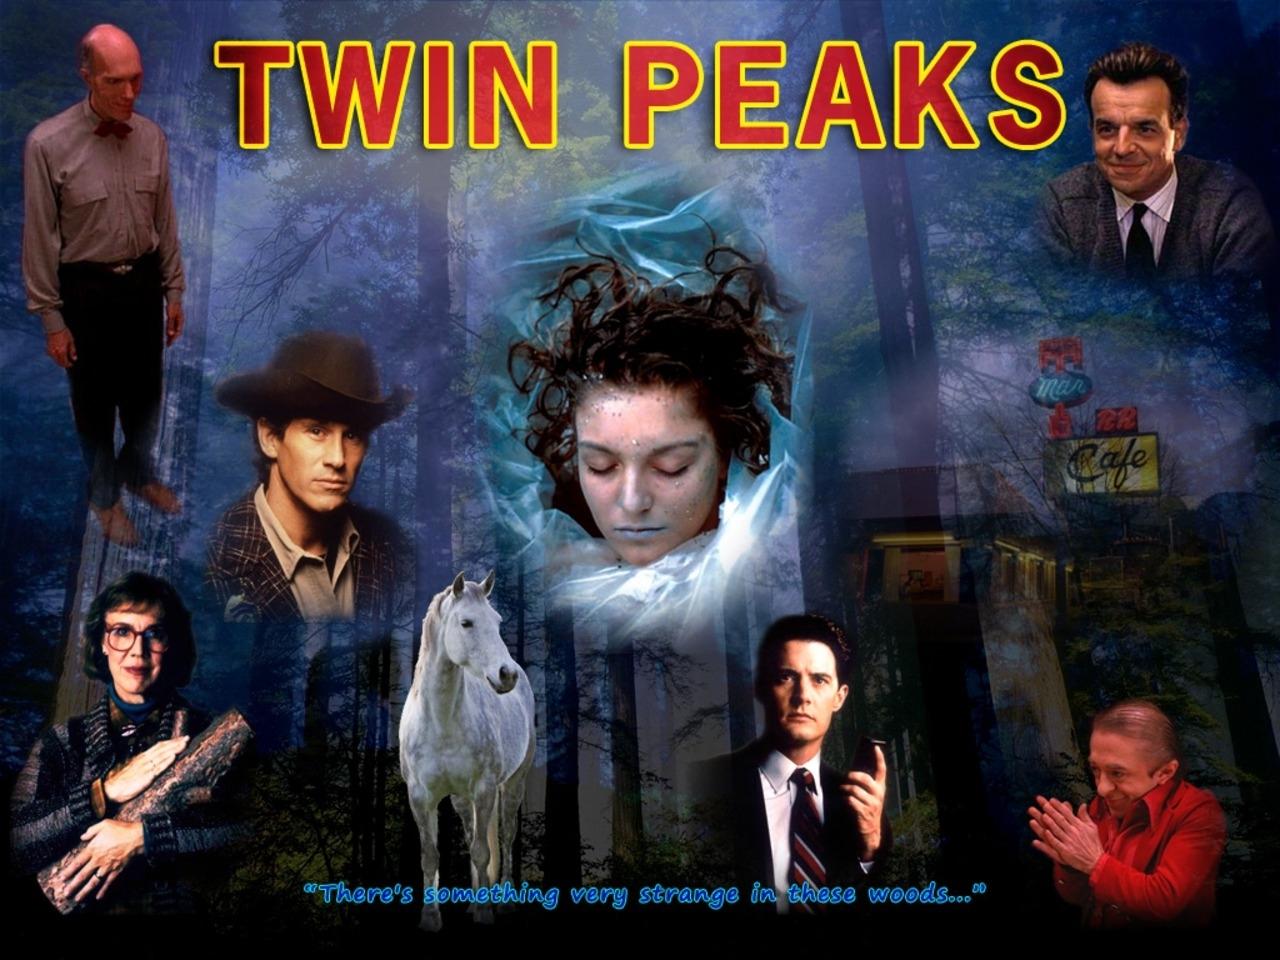 http://2.bp.blogspot.com/-12KdRUhyuqY/Tt4Q6phjY-I/AAAAAAAAAew/x7ZIXJFfMY0/s1600/Twin-Peaks-twin-peaks-11663237-1280-960.jpg